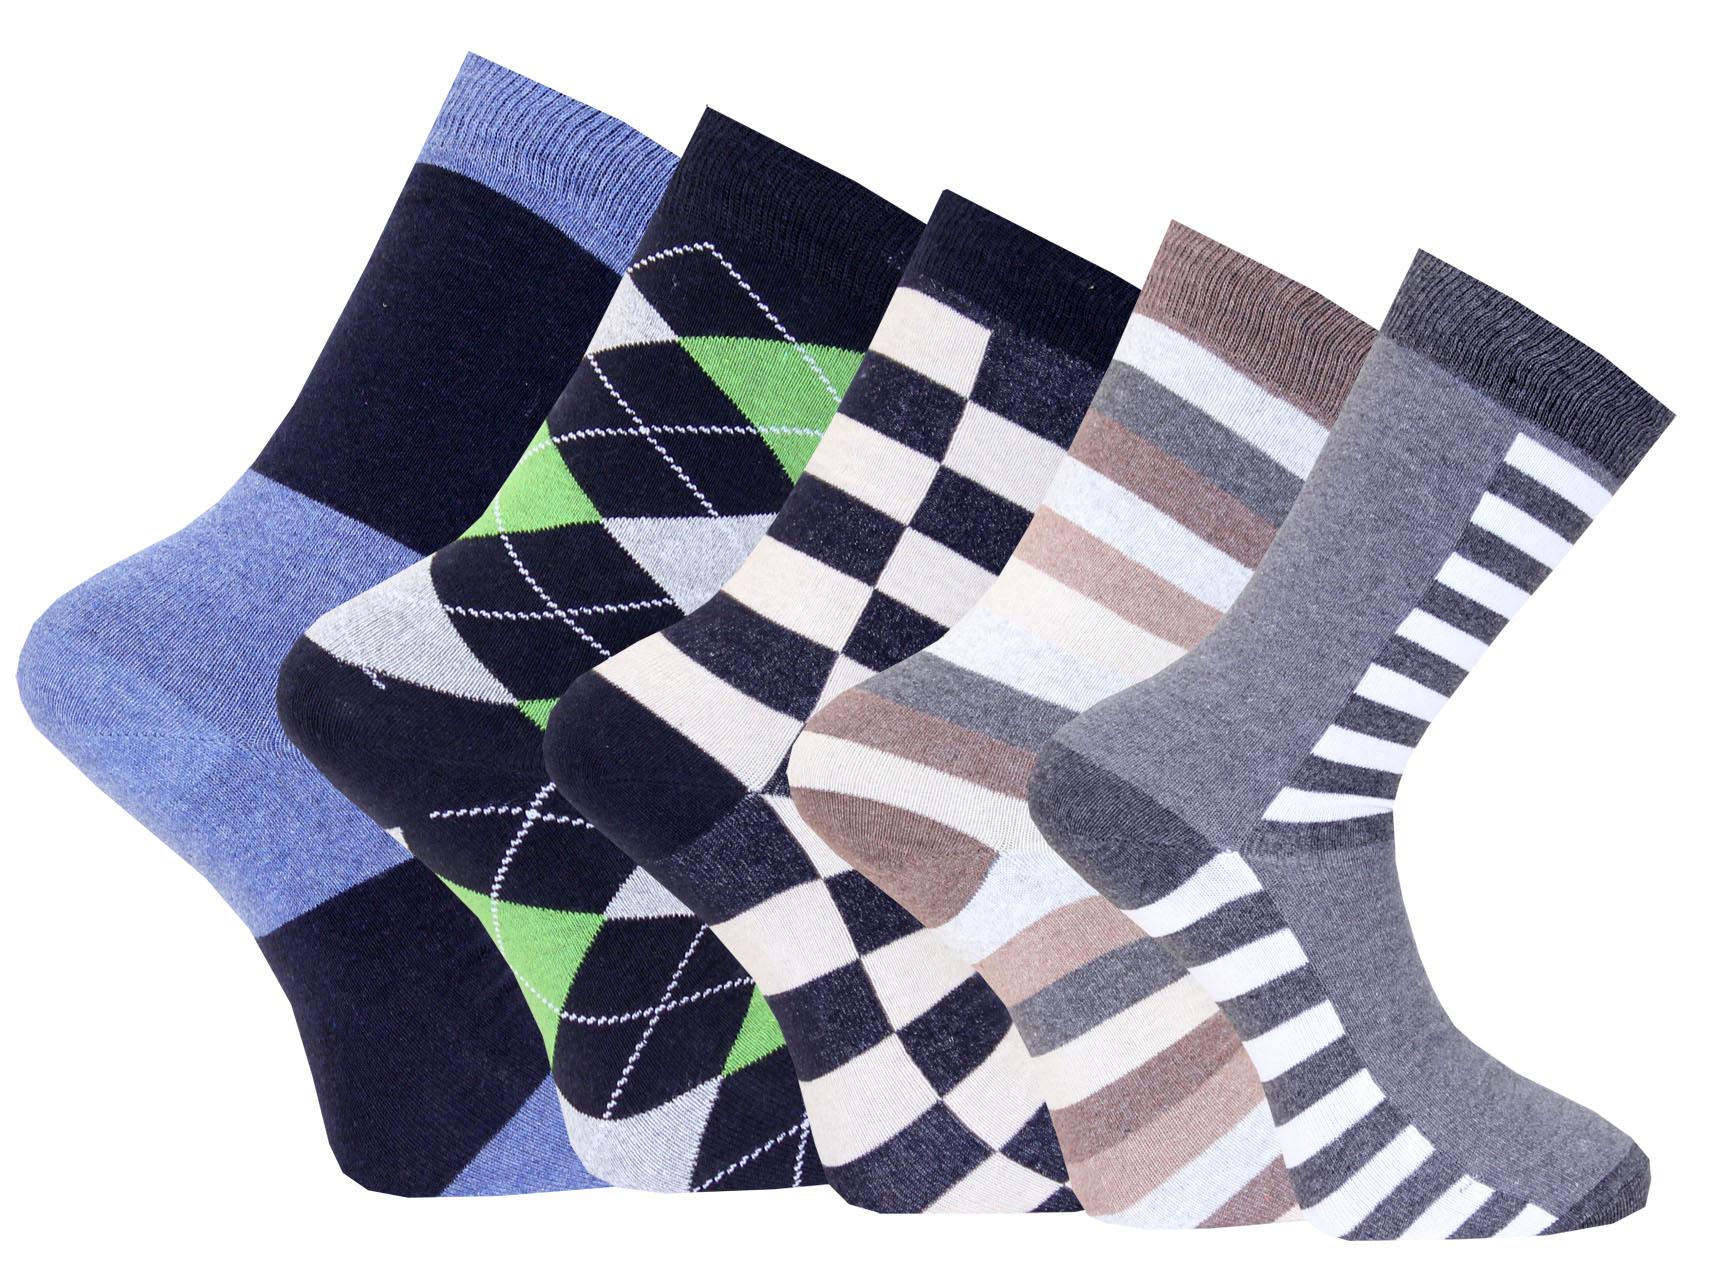 5-pack sokken van het Zweedse merk Capital in diverse kleuren, gemaakt van 80% katoen. 15% polyamide, 5% elastic.